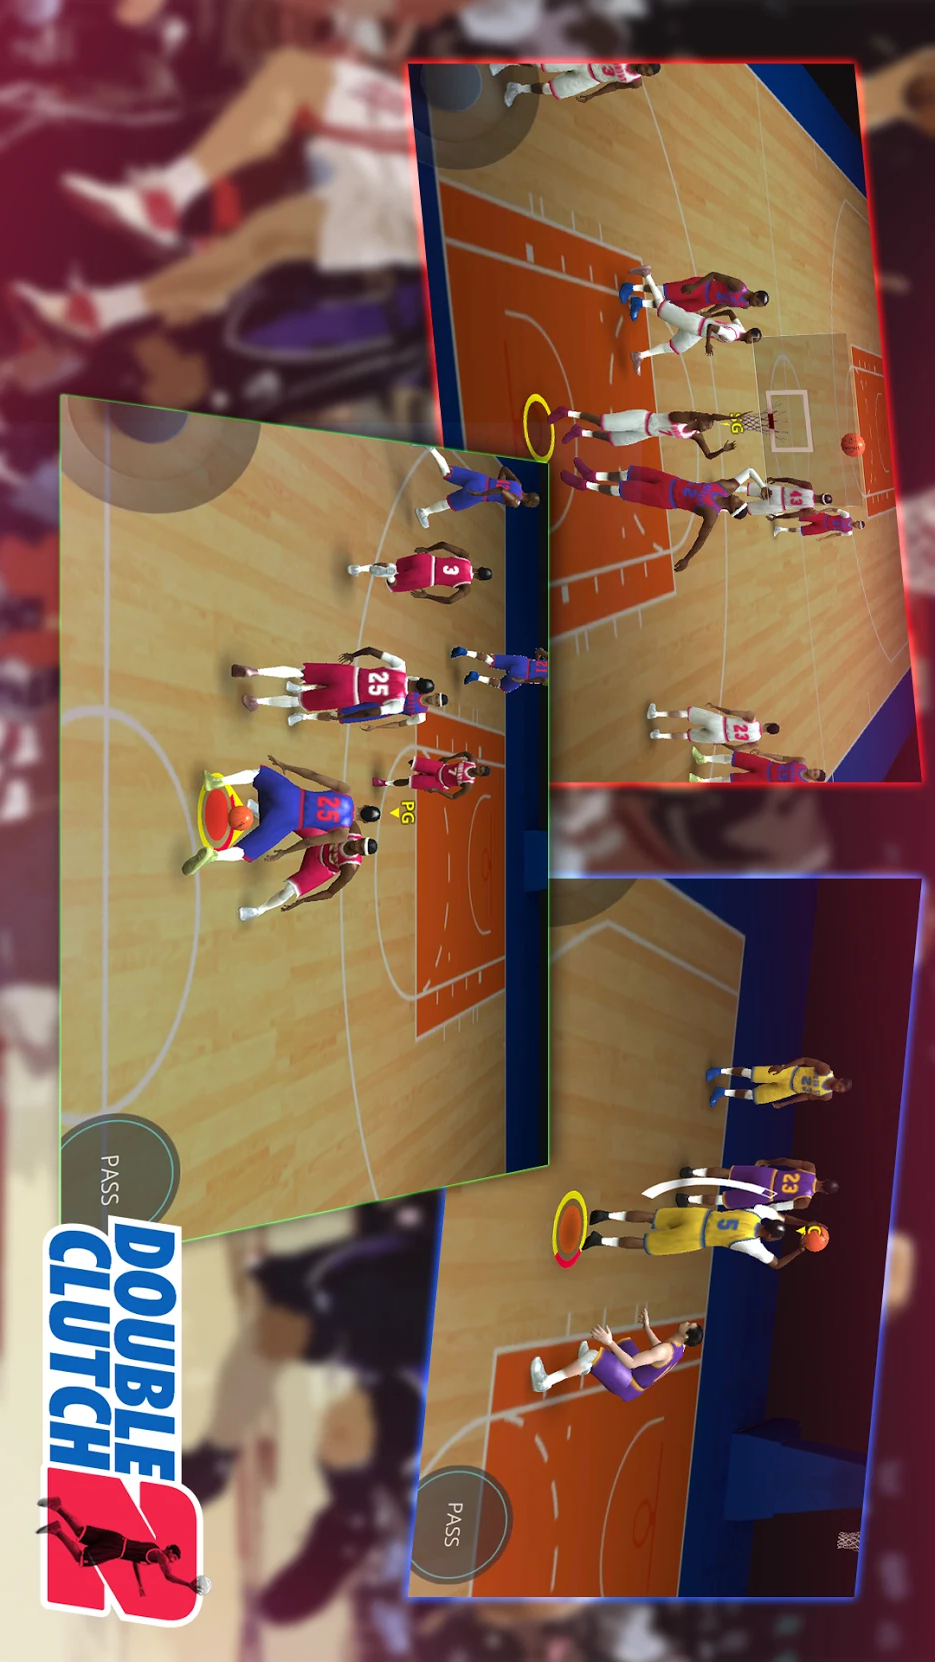 模拟篮球赛2(新模式)游戏截图